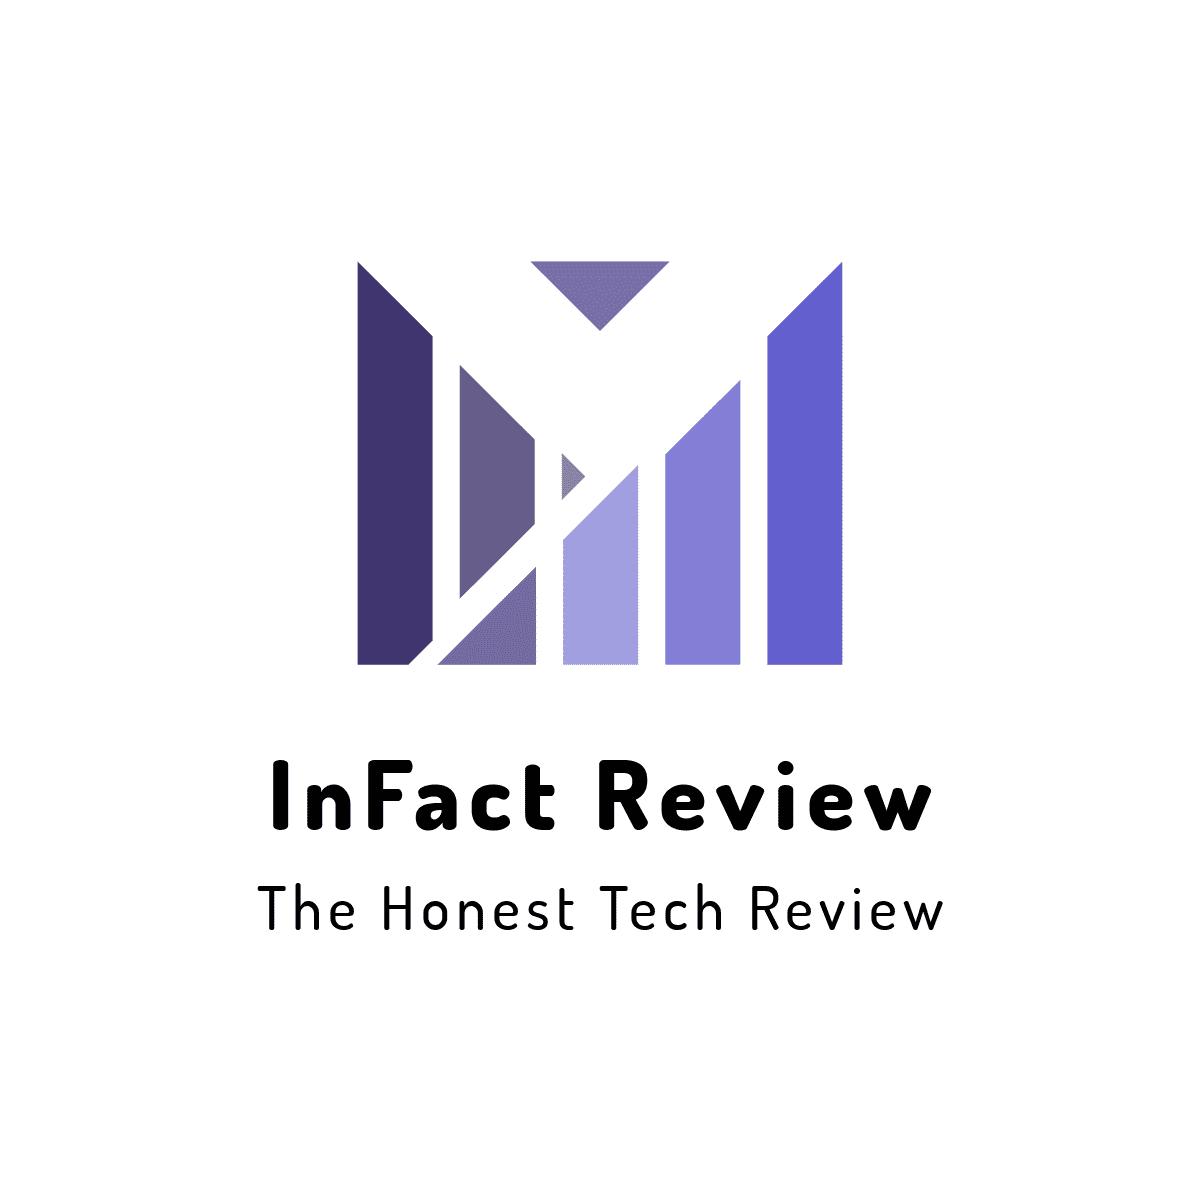 InFactreview.com